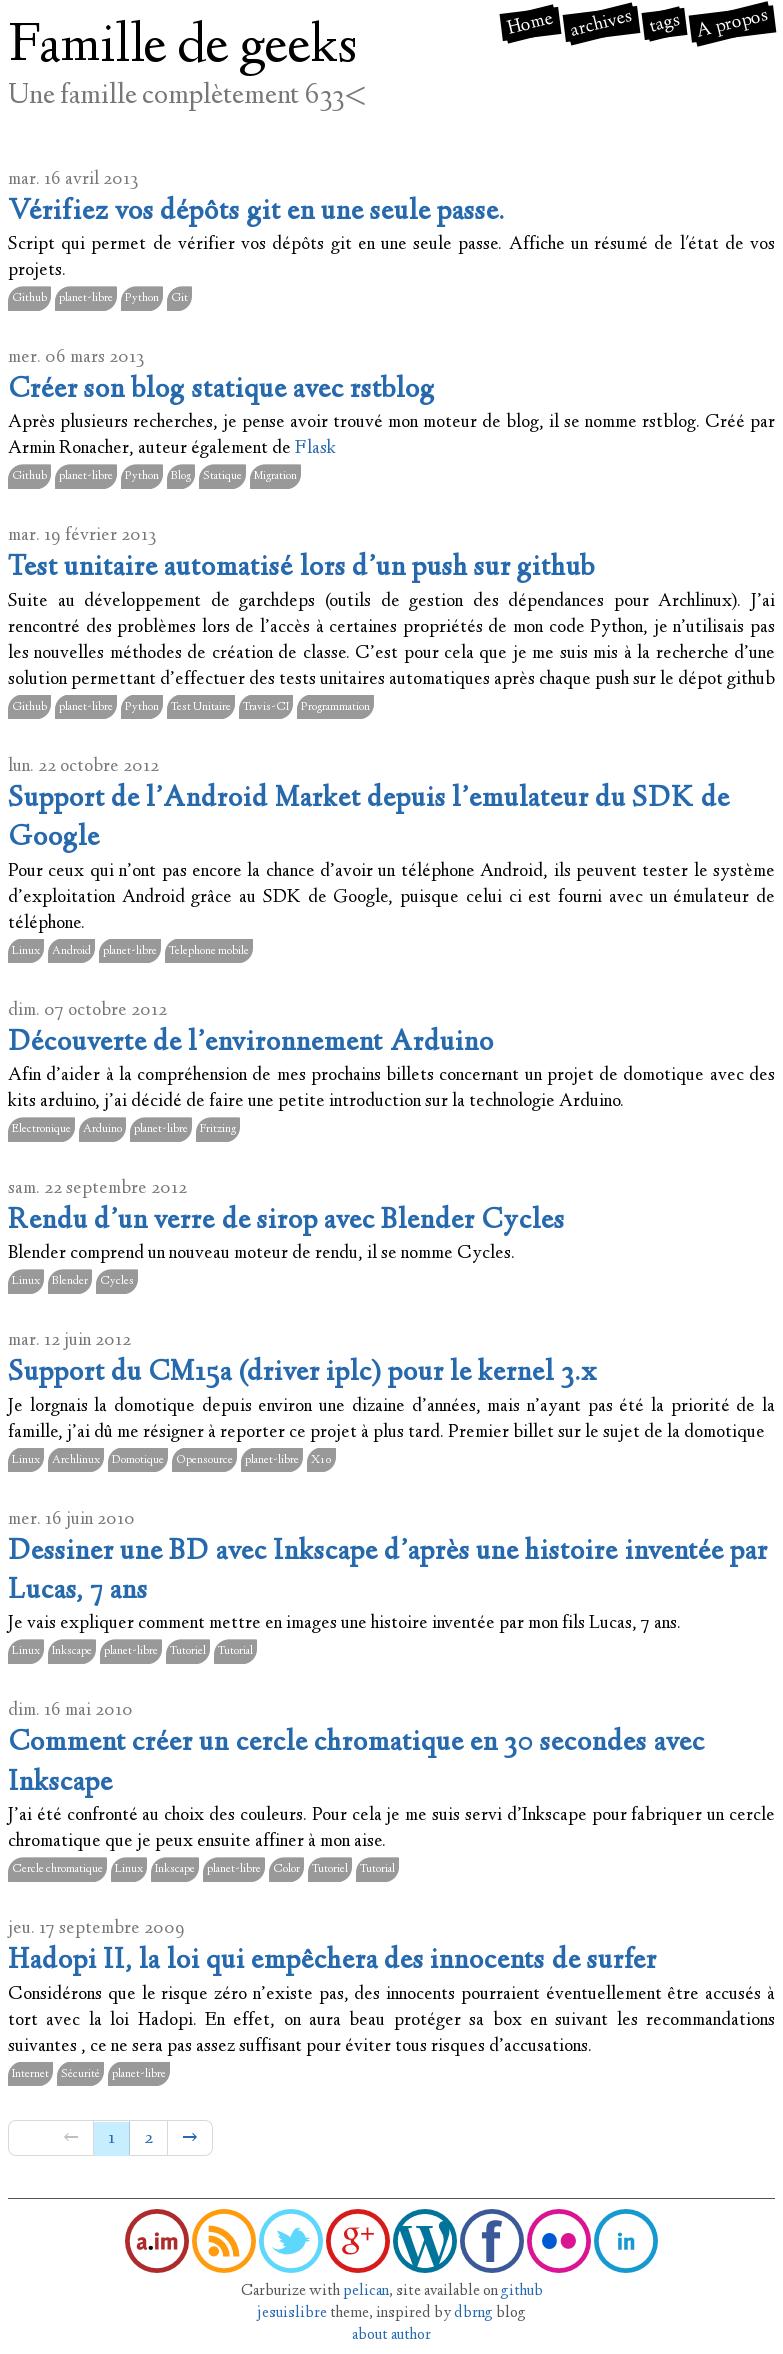 pelican-theme-jesuislibre/screenshot_main.png